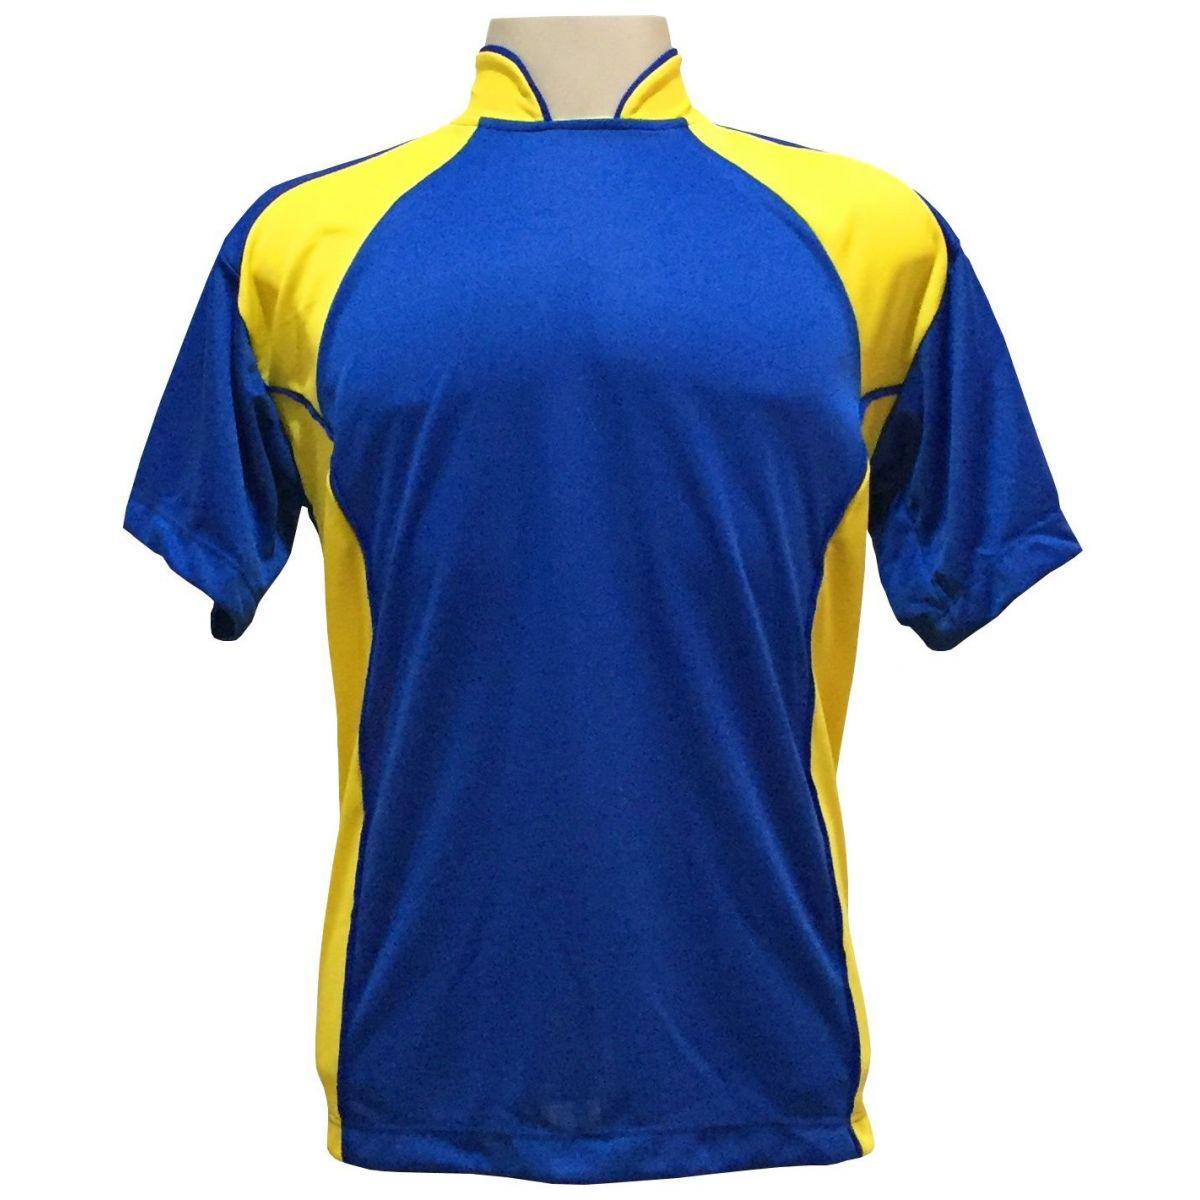 Jogo de Camisa com 14 unidades modelo Suécia Royal/Amarelo  - ESTAÇÃO DO ESPORTE